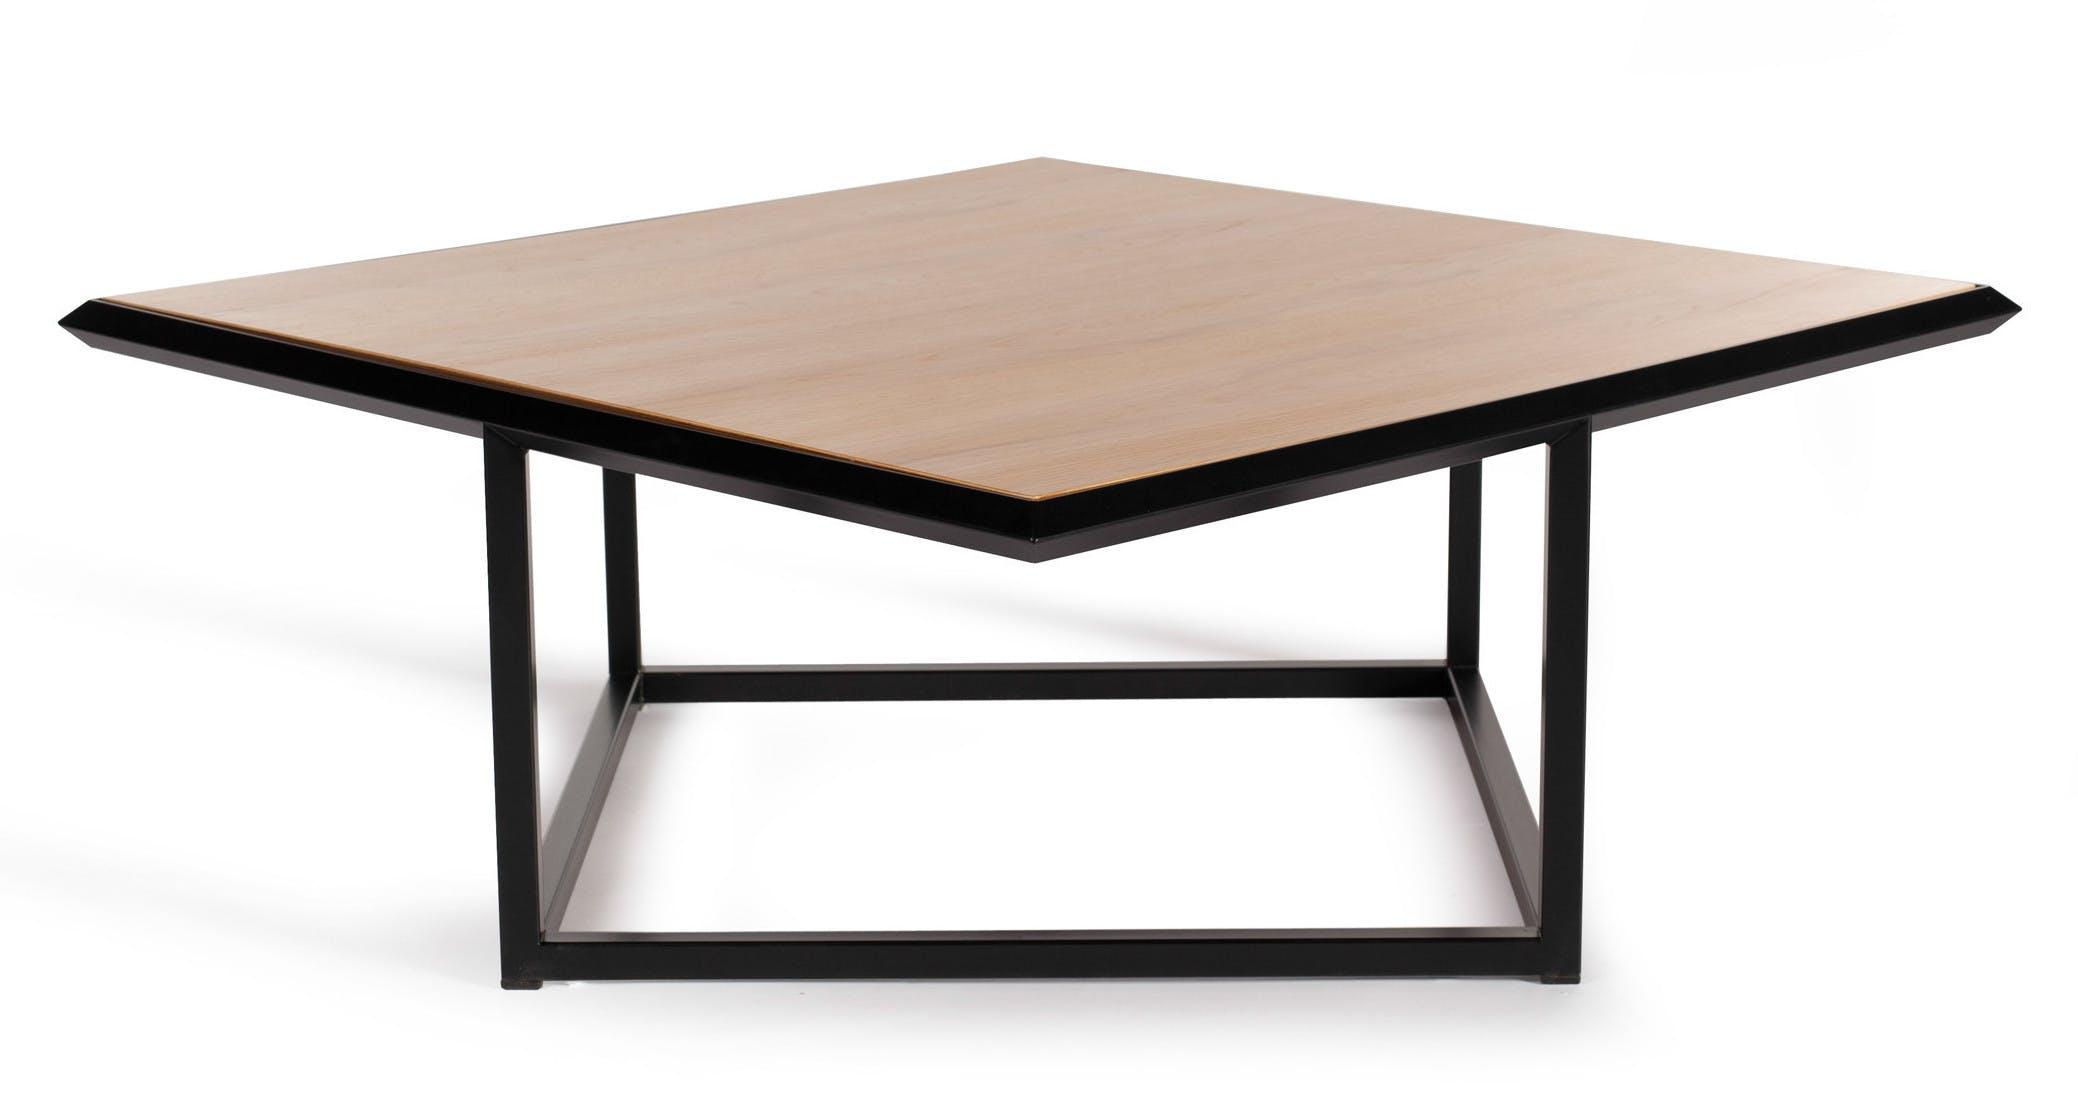 Deadgood-turn-table-dark-oak-haute-living_190225_211136